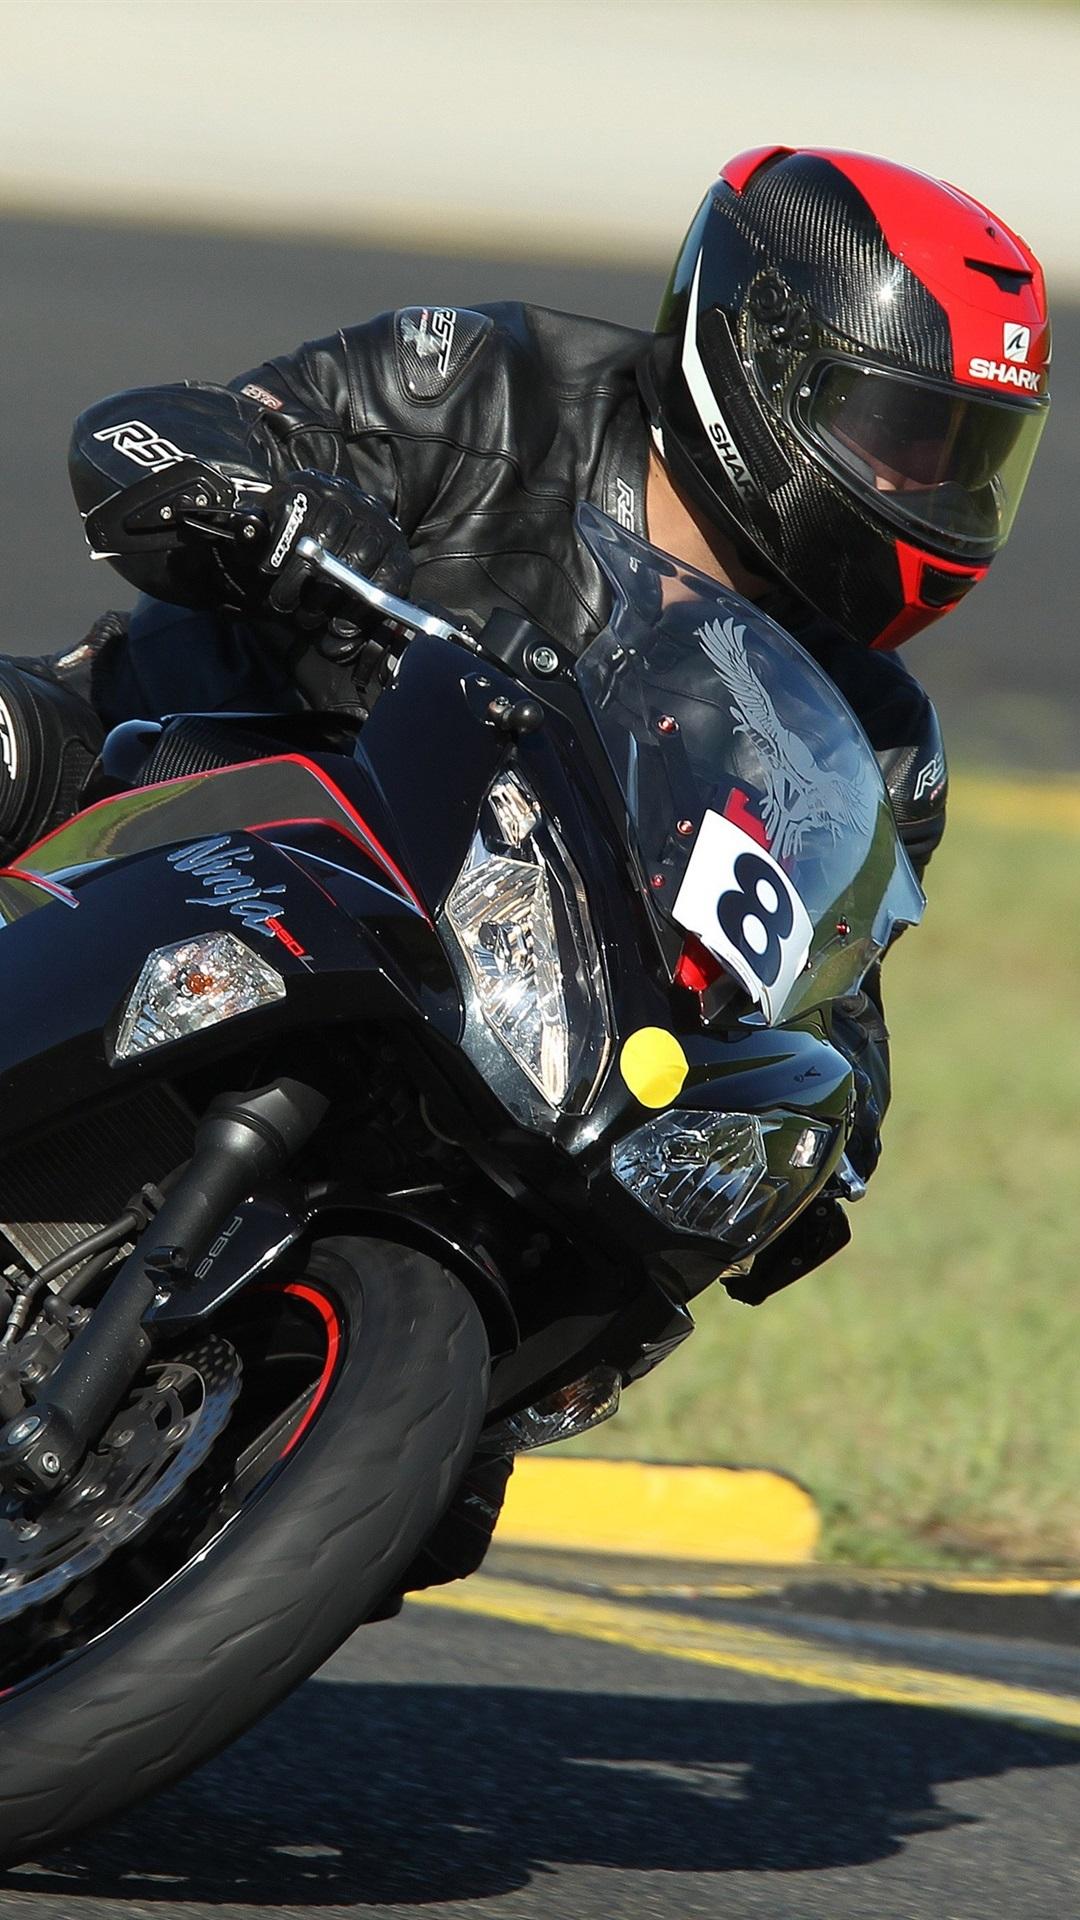 Fonds D Ecran Course De Motos Kawasaki 3840x2160 Uhd 4k Image